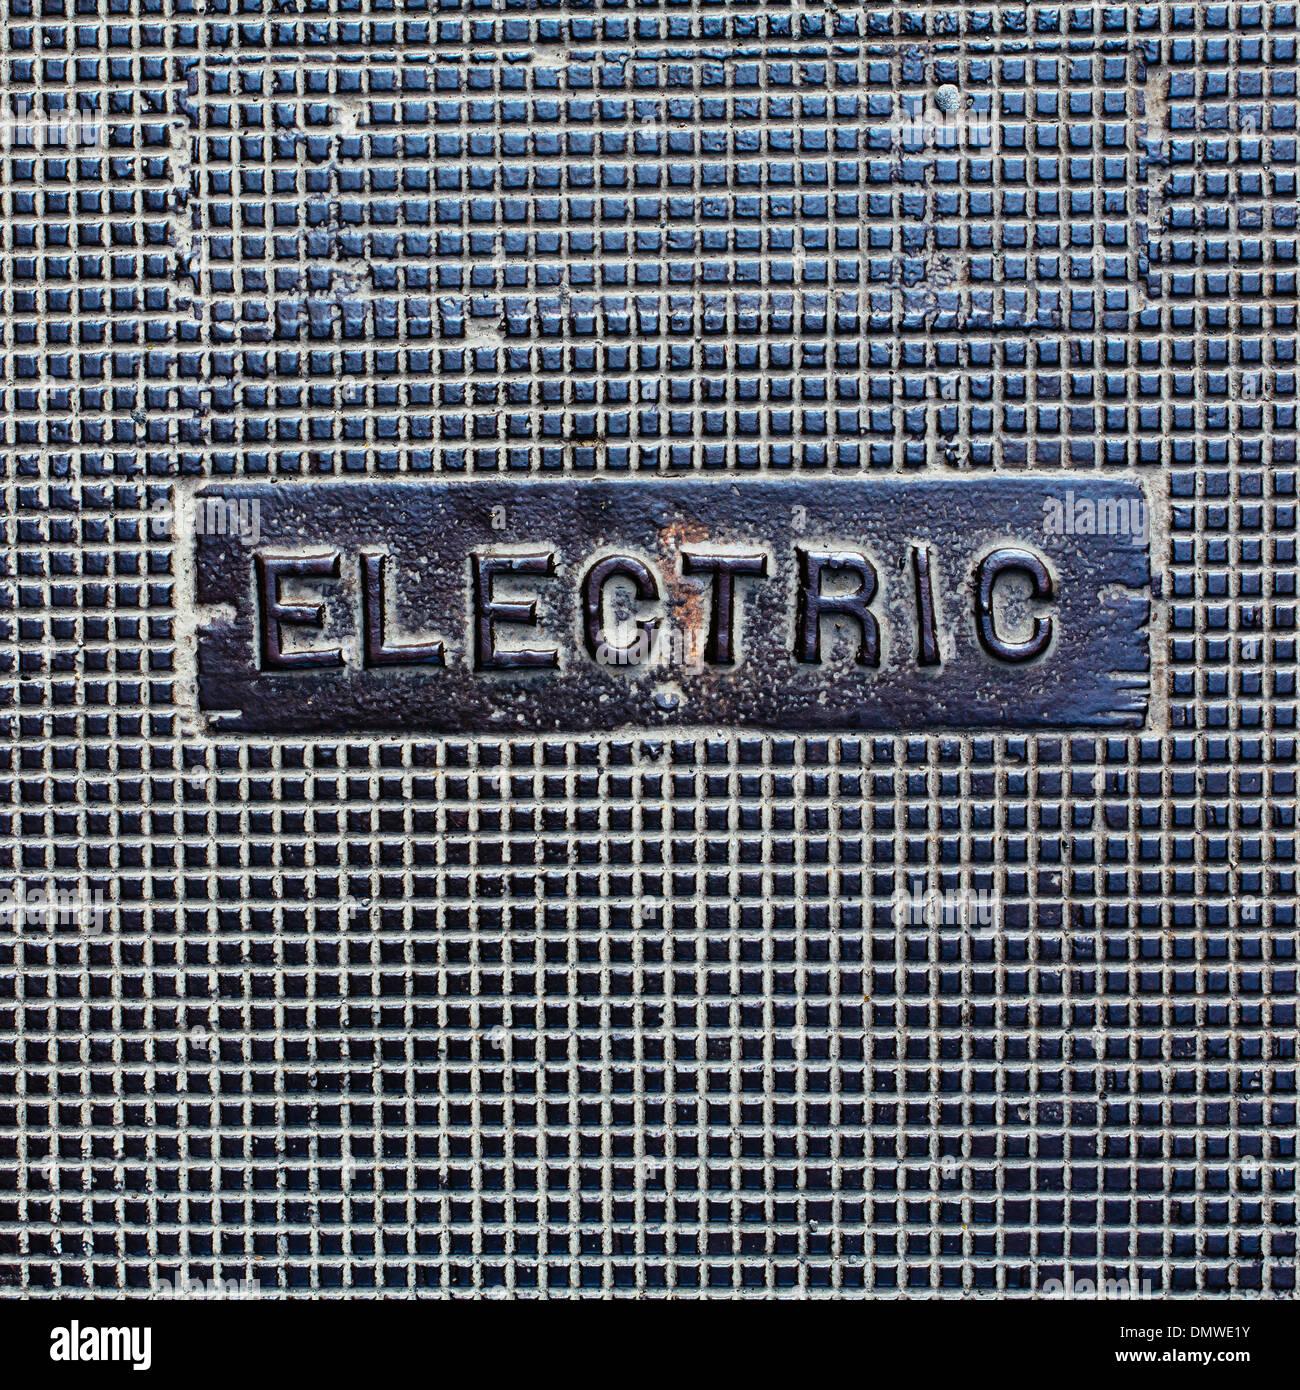 Eine Dienstprogramm-Abdeckung hergestellt aus Metall mit Wort Electric. Stockfoto